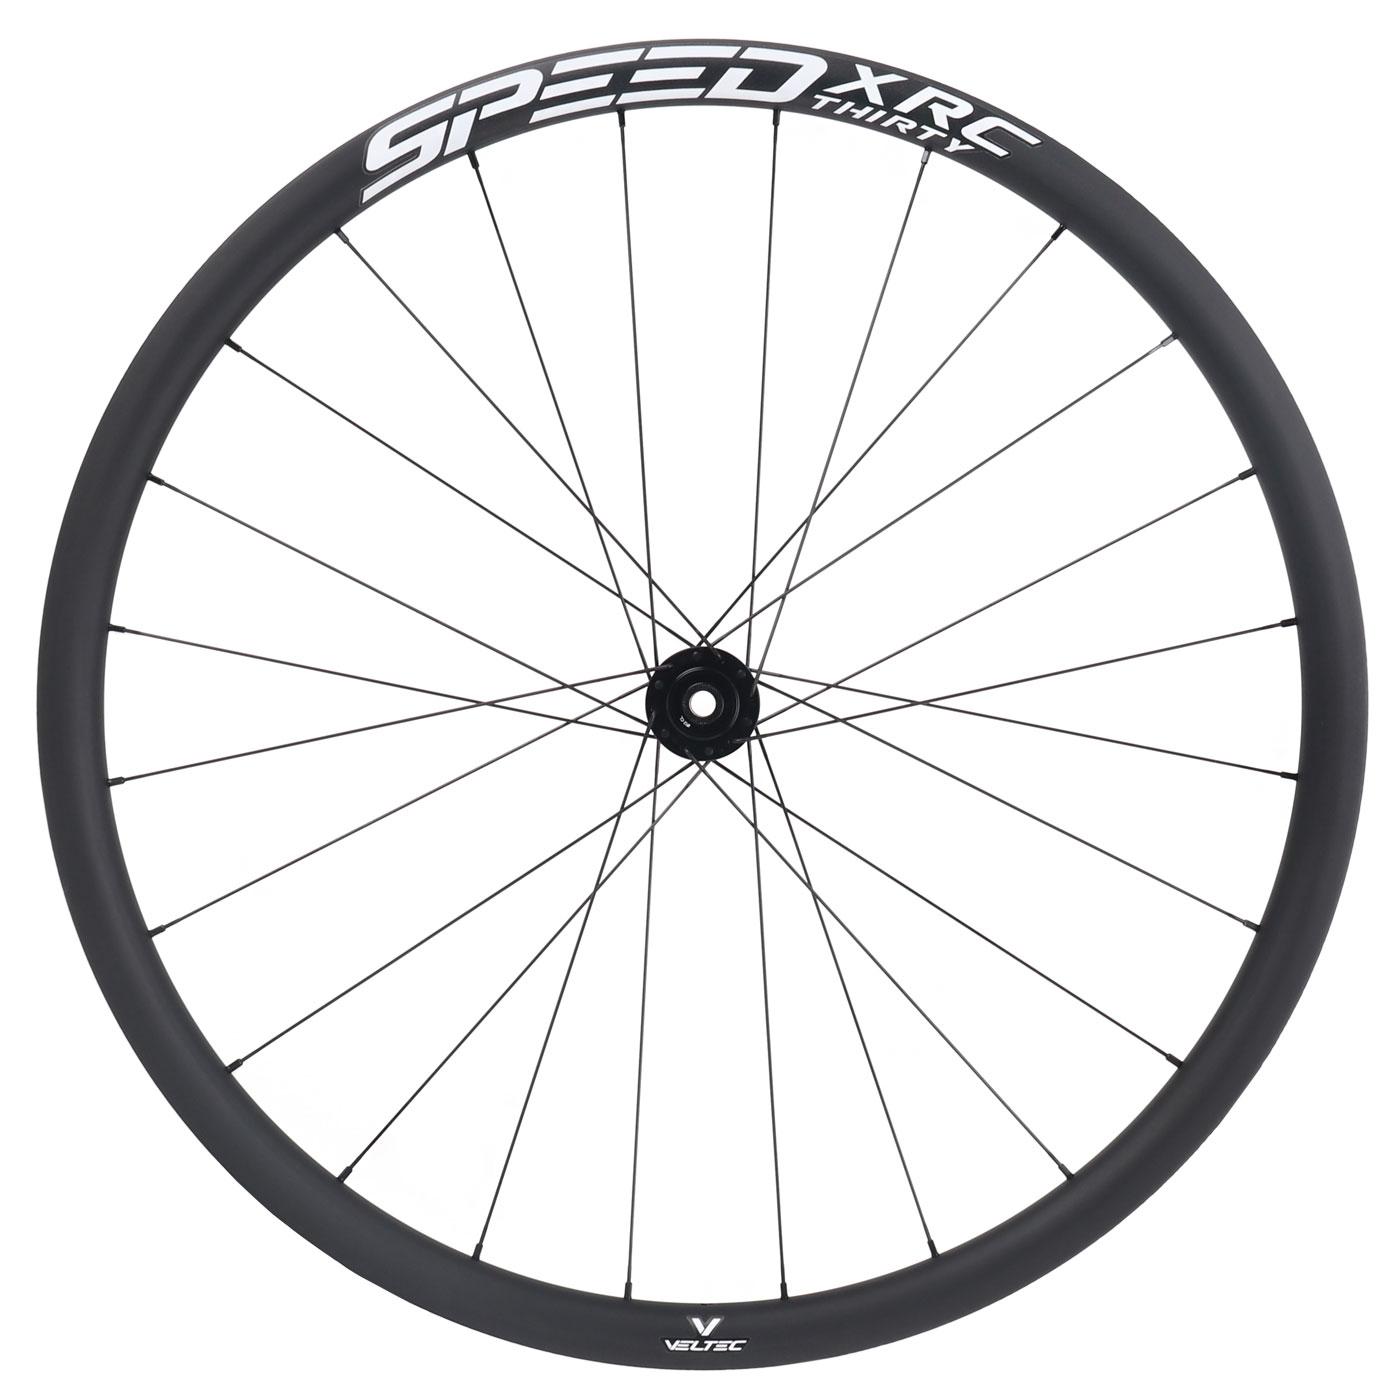 Bild von Veltec Speed XCR 30 Disc Carbon Vorderrad - Drahtreifen - 12x100mm - schwarz mit weißen Decals